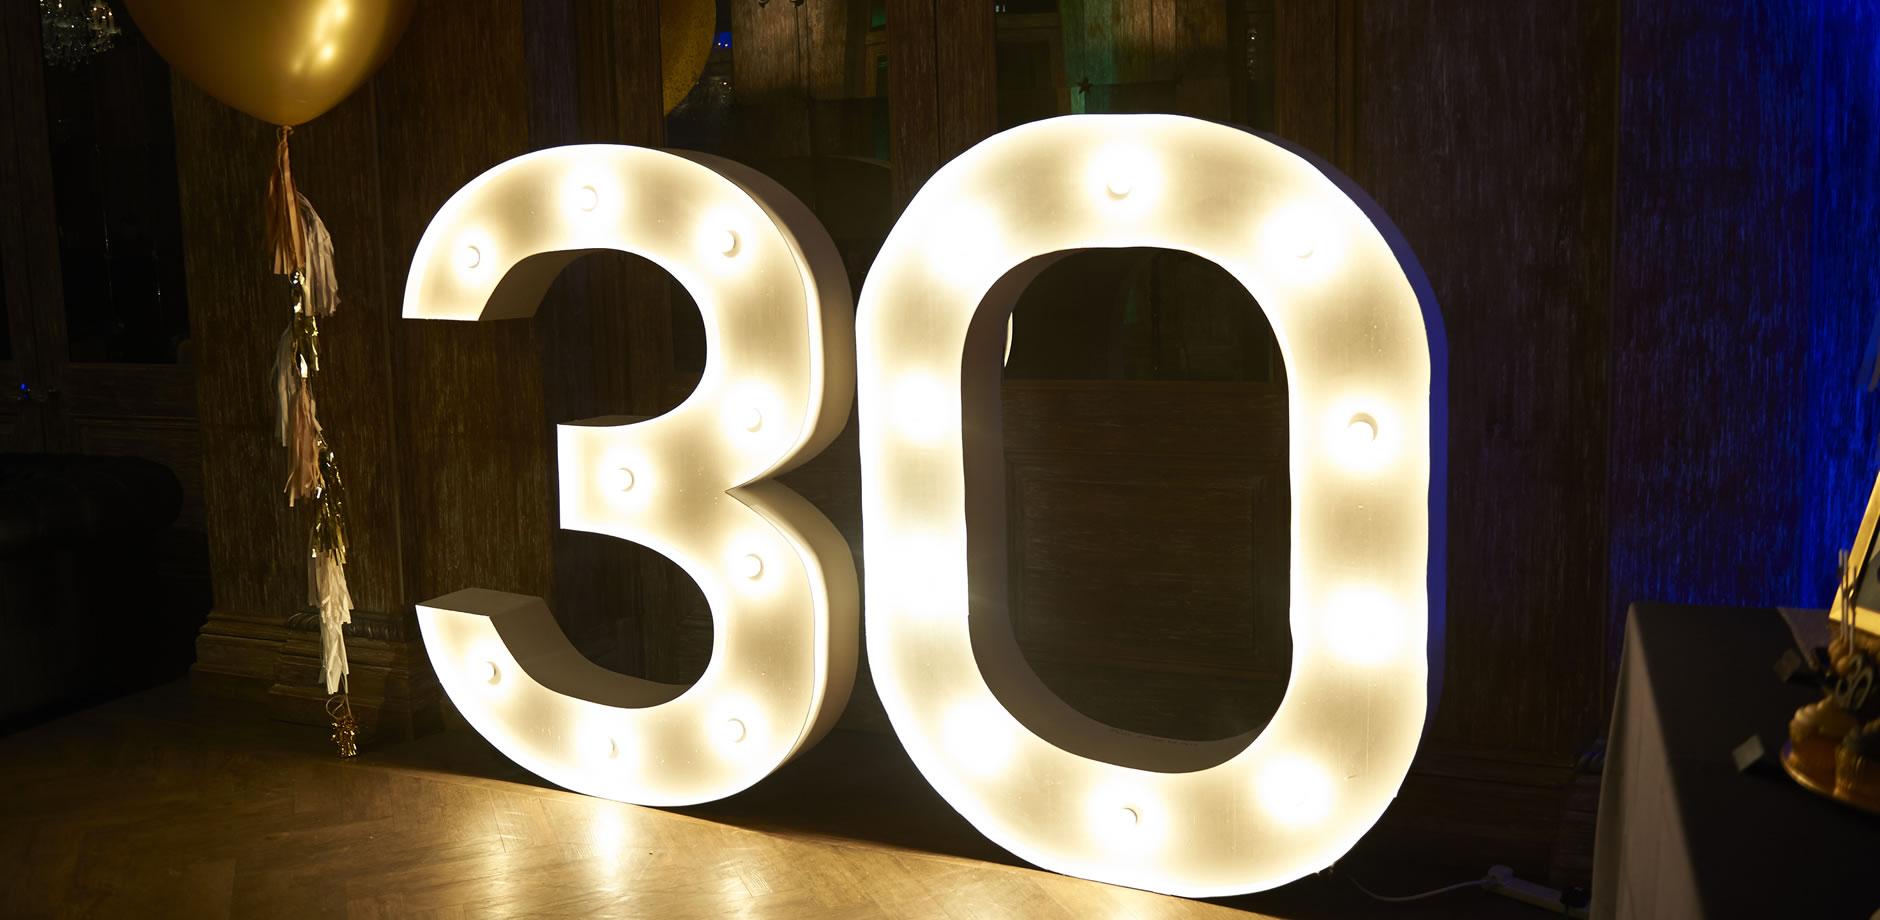 leanne-30th-banner4